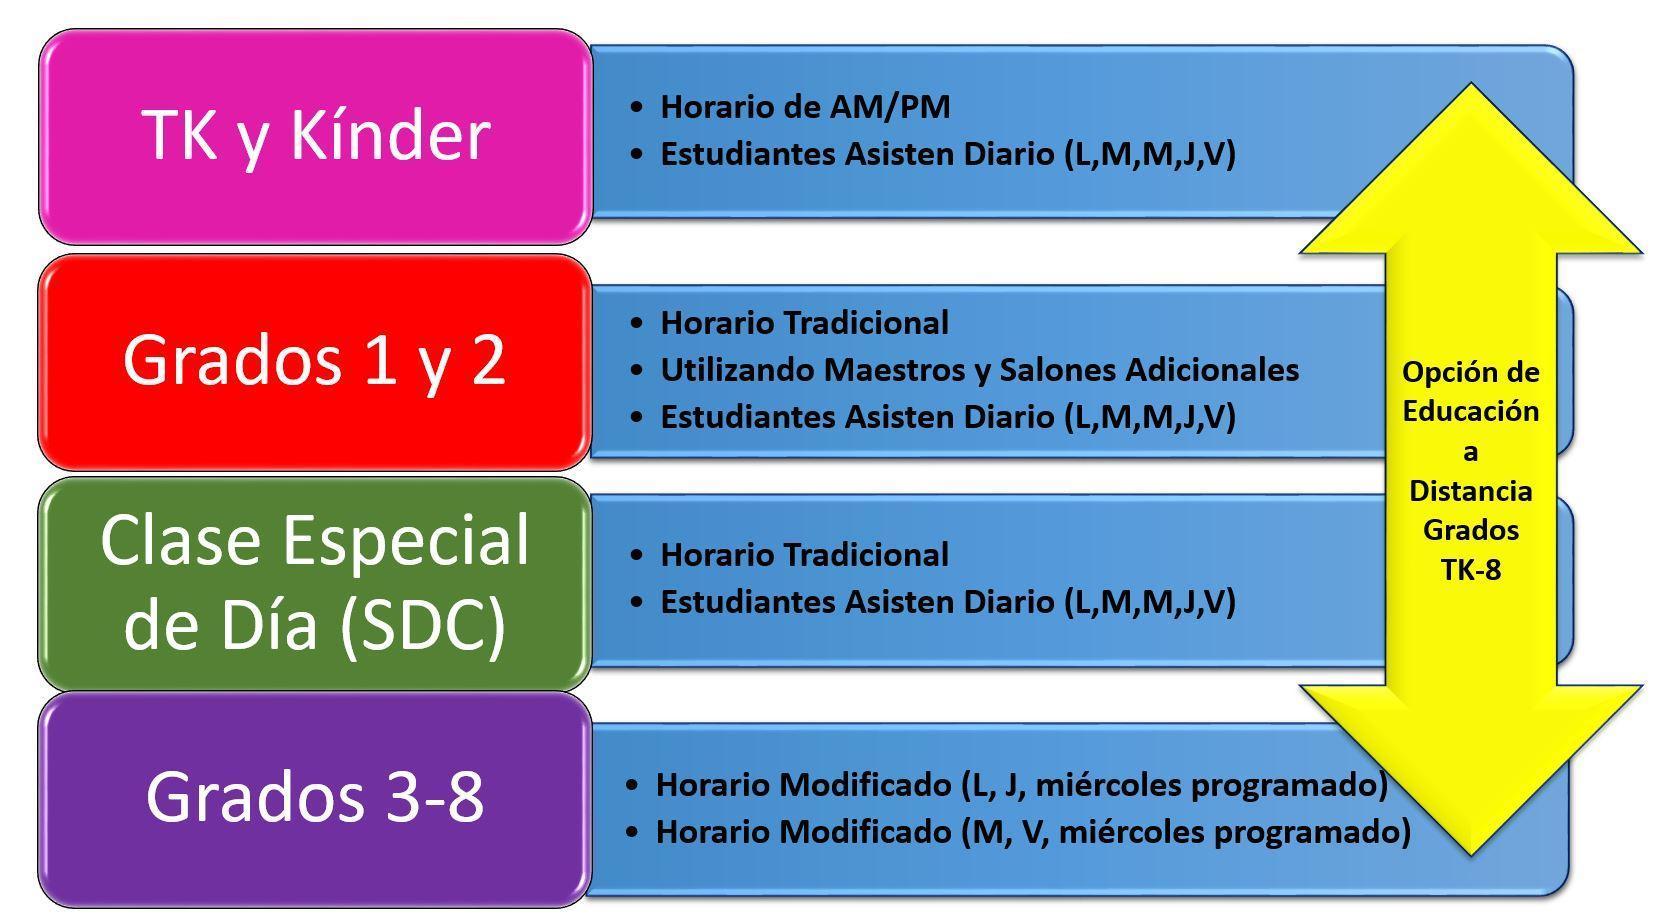 Hybrid Plan TK - 8 Spanish